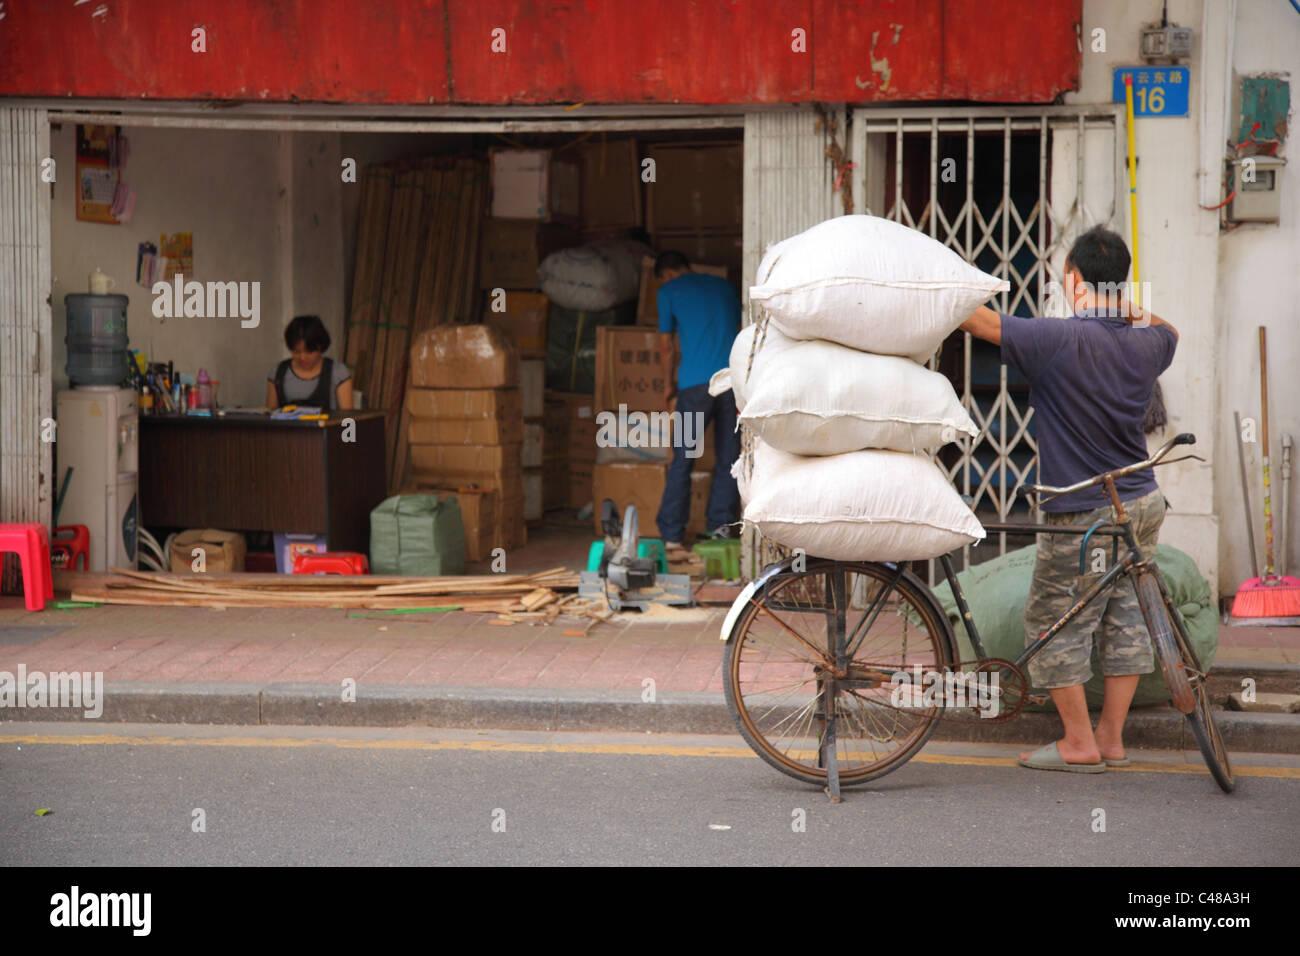 Sacks of product on bicycle outside market, Guangzhou, China - Stock Image